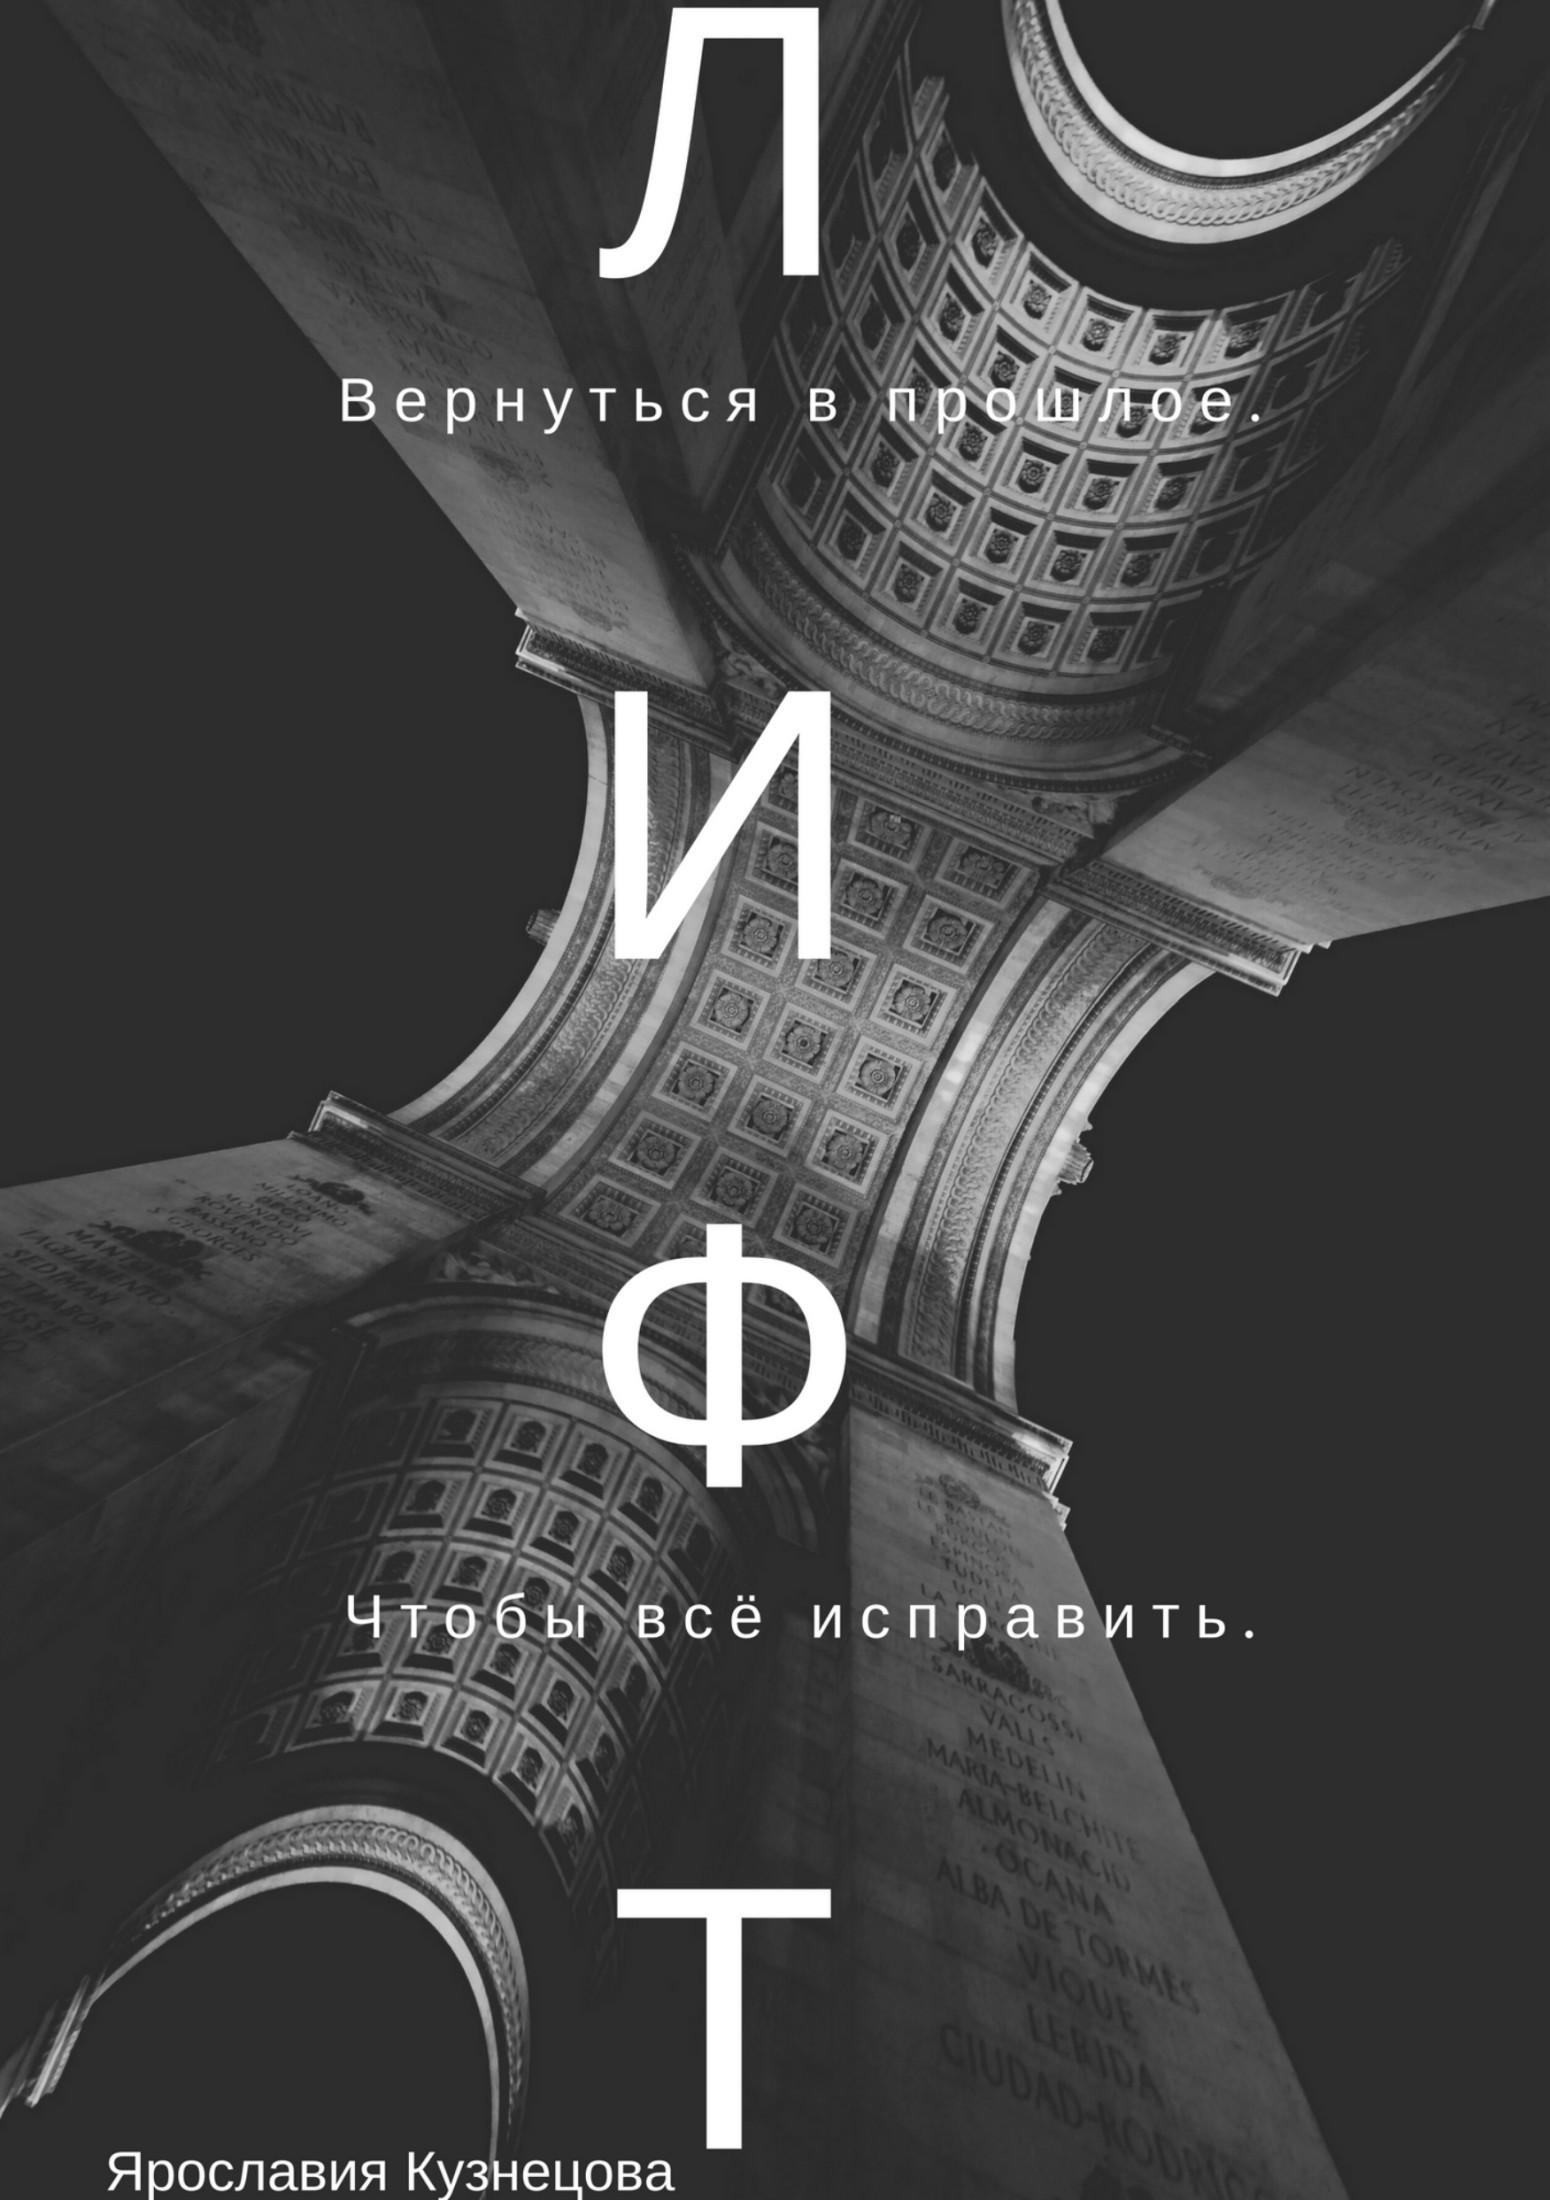 Ярославия Кузнецова Лифт альпина паблишер ваш шанс изменить мир